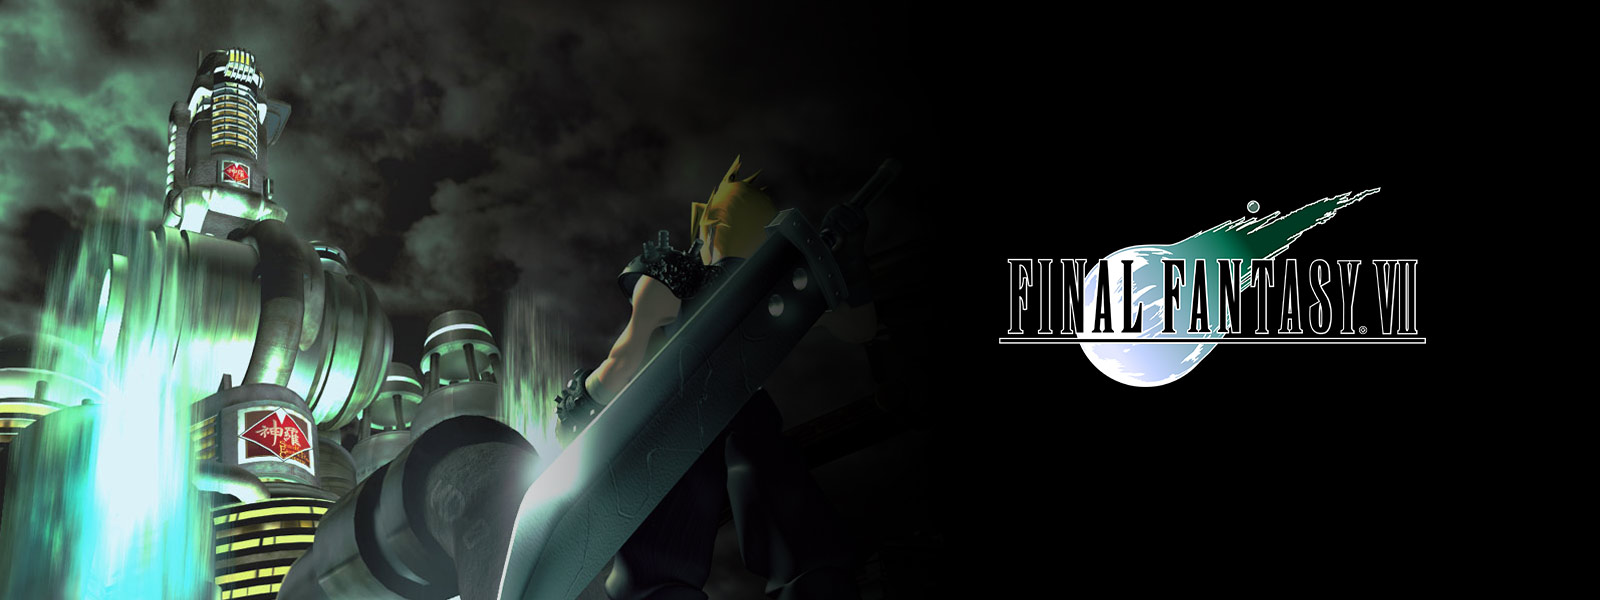 Le protagoniste de FINAL FANTASY VII, Cloud Strife, tenant une épée géante sur son dos